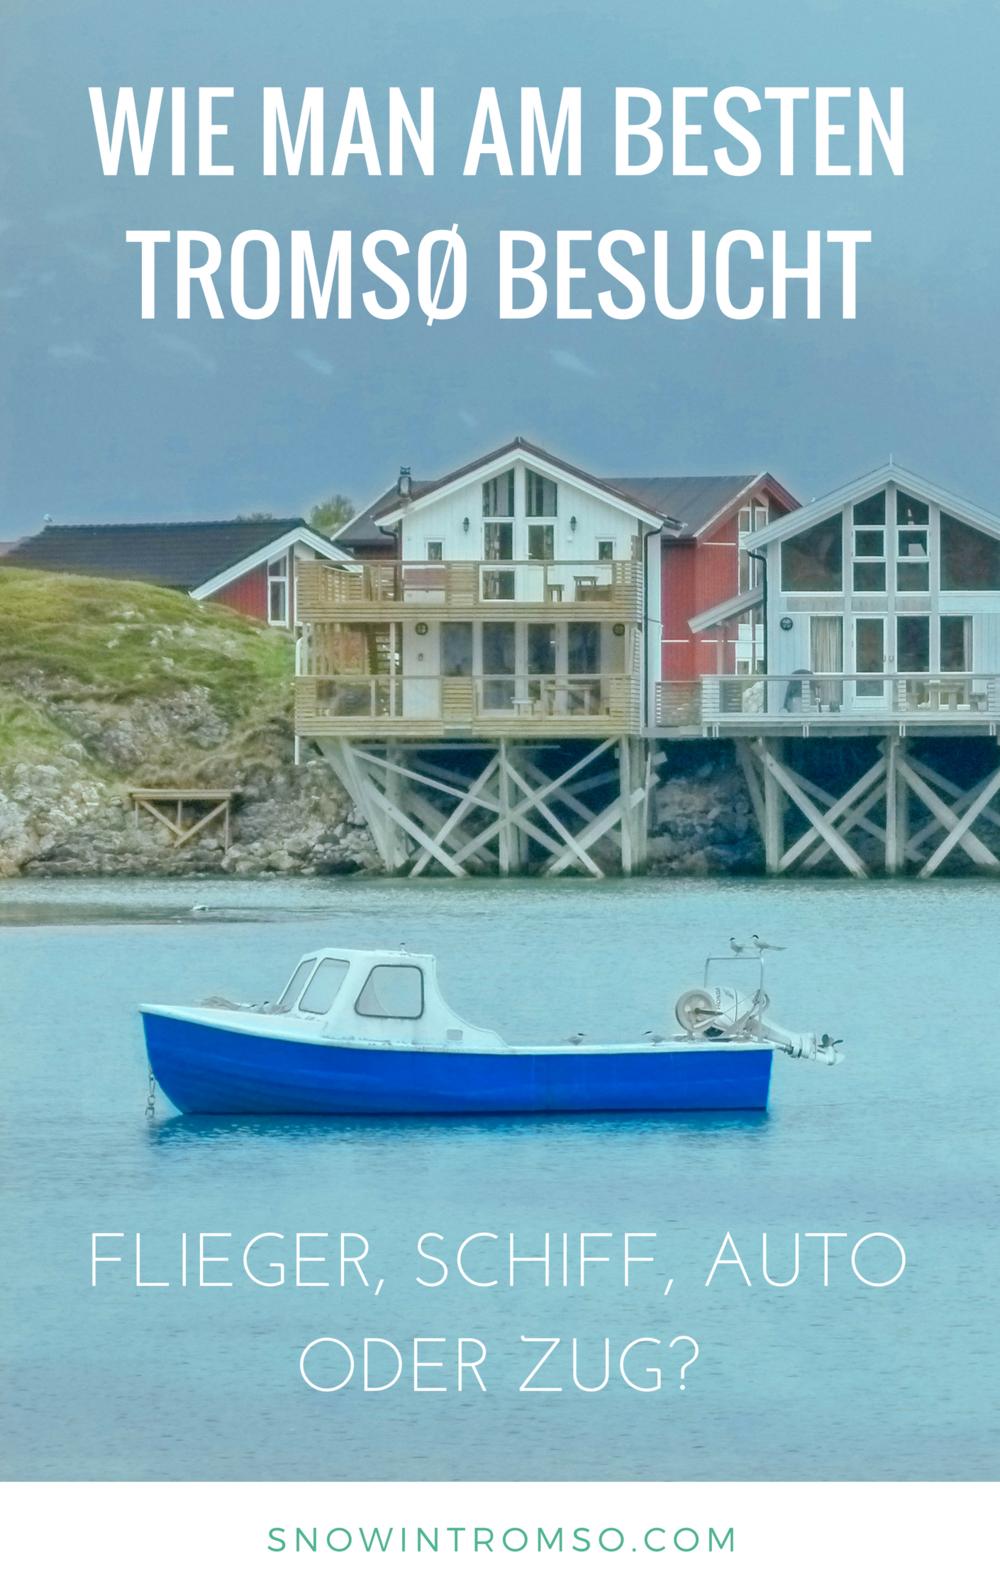 Es gibt insgesamt 5 Anreisemöglichkeiten nach Tromsø,die ich Dir in diesem Artikel, zusammen mit allen Vor- und Nachteilen vorstellen möchte!